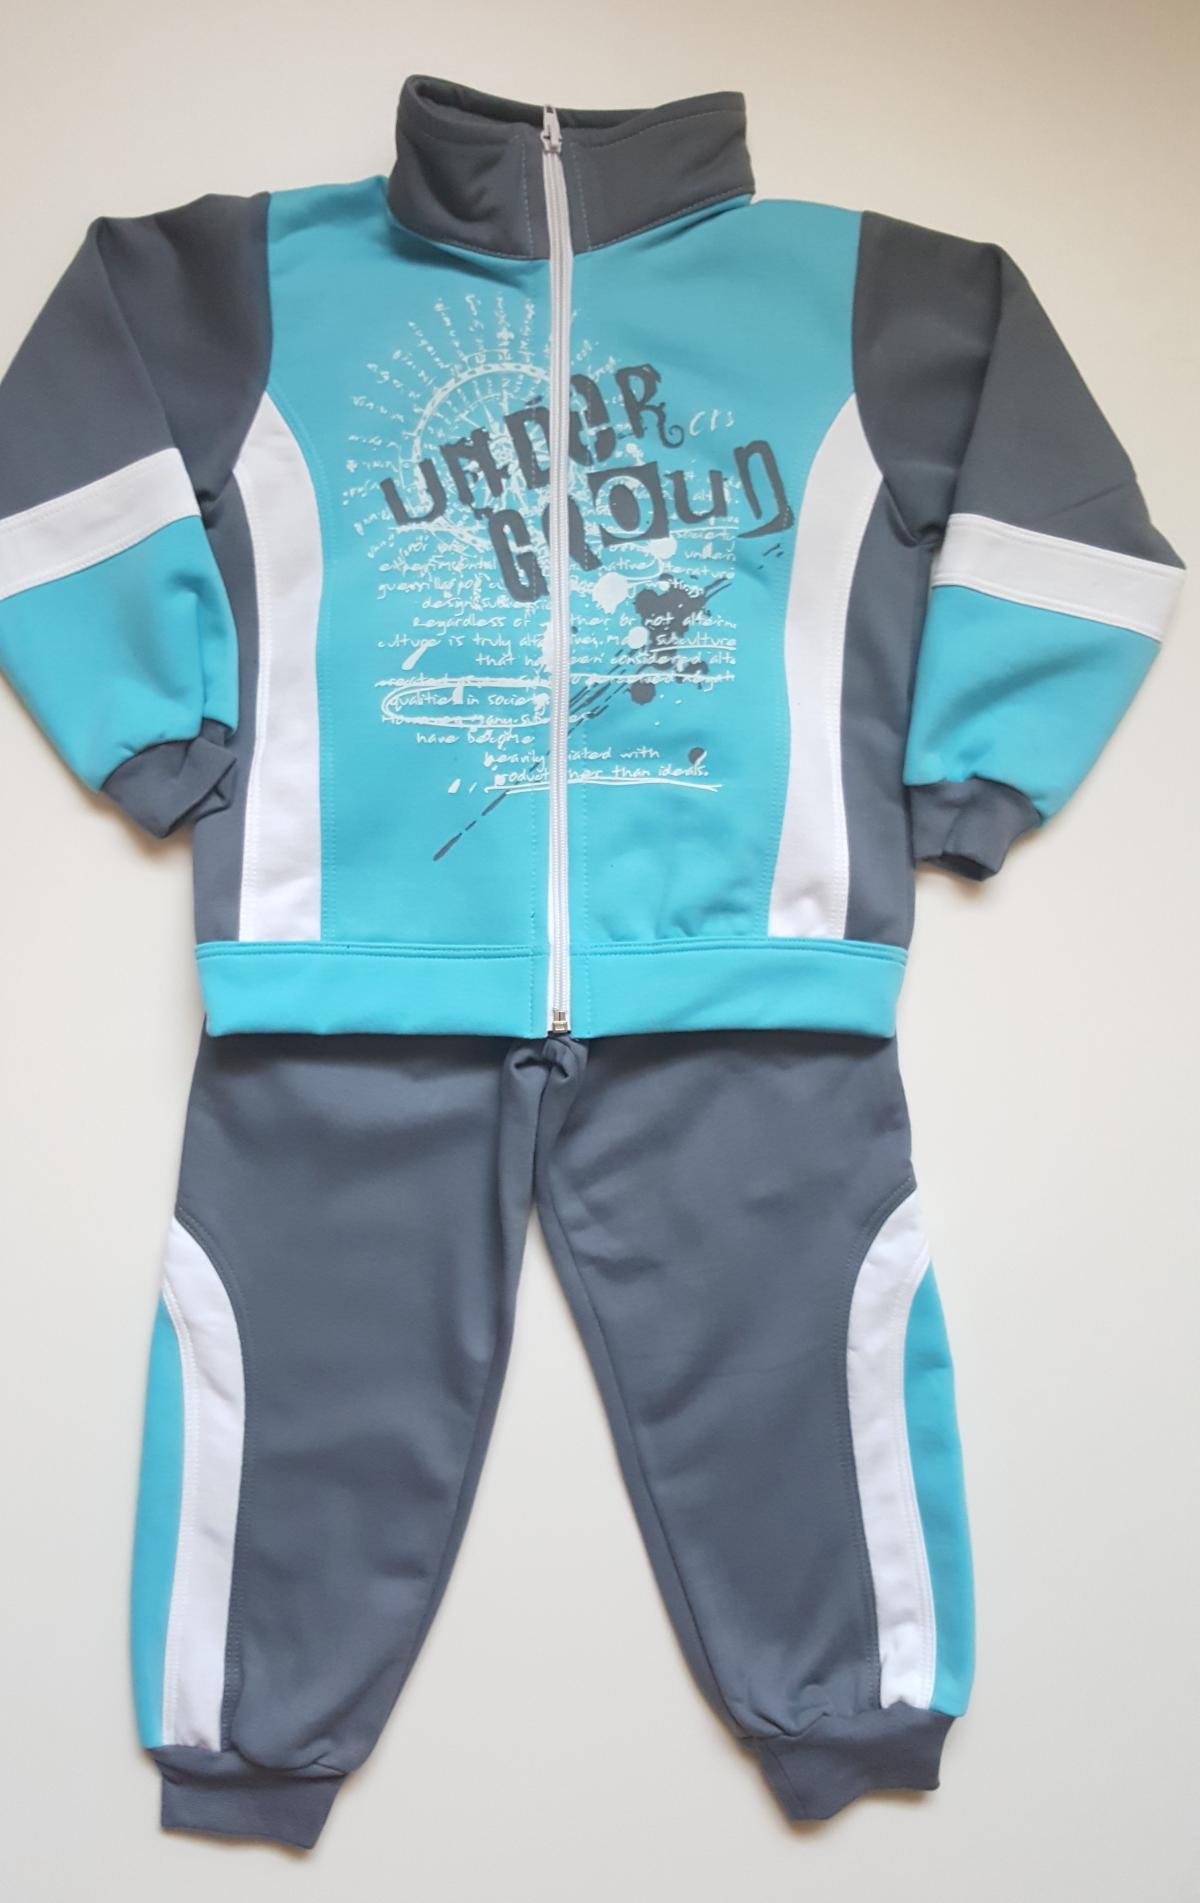 gyermekruhabolt.hu - gyermekruha webáruház 7f2ff56373